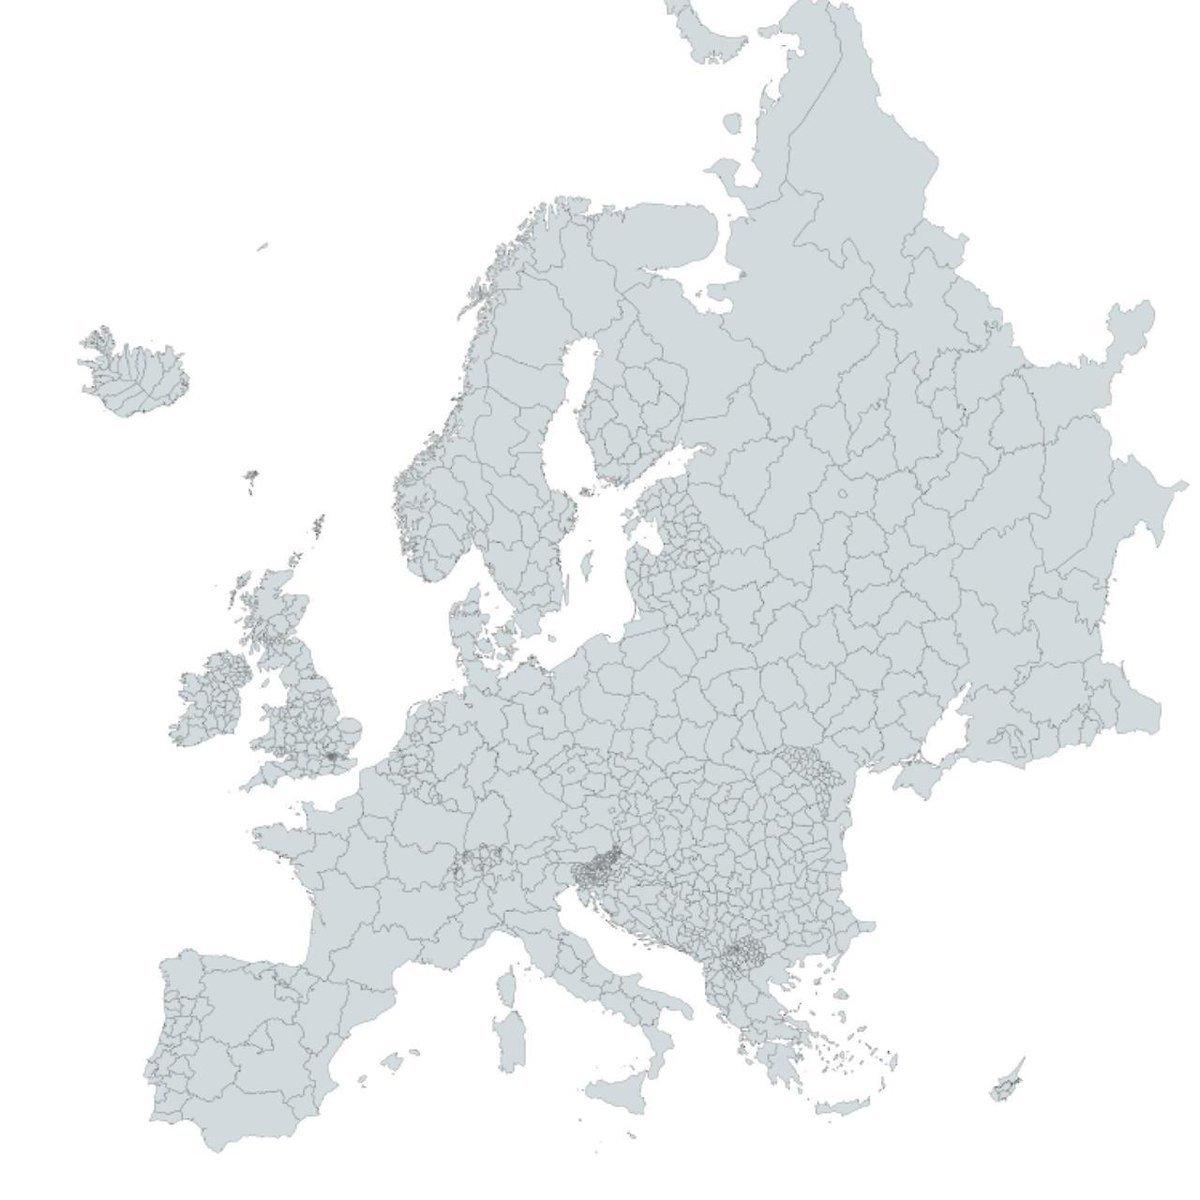 Karta Avtonomnyh Regionov Evropy Pikabu